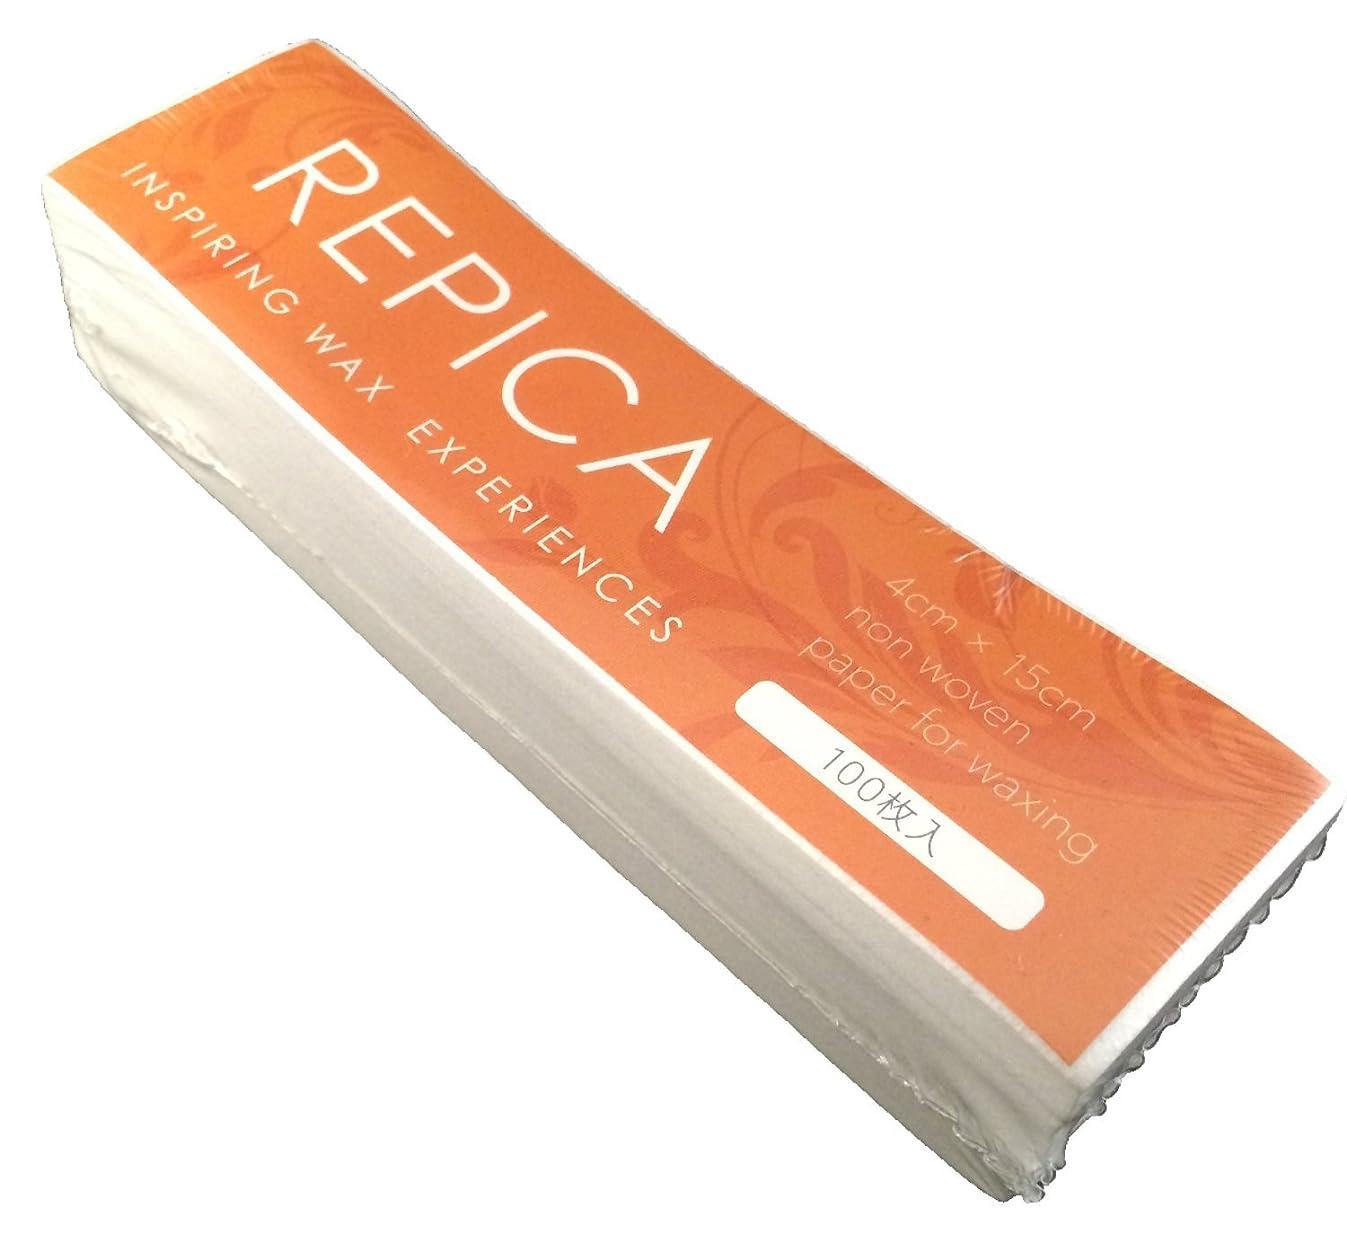 表向き好色なクラブREPICA ブラジリアンワックス脱毛 カットペーパー Sサイズ100枚入り×5個セット ワックス脱毛 ワックスシート ストリップシート